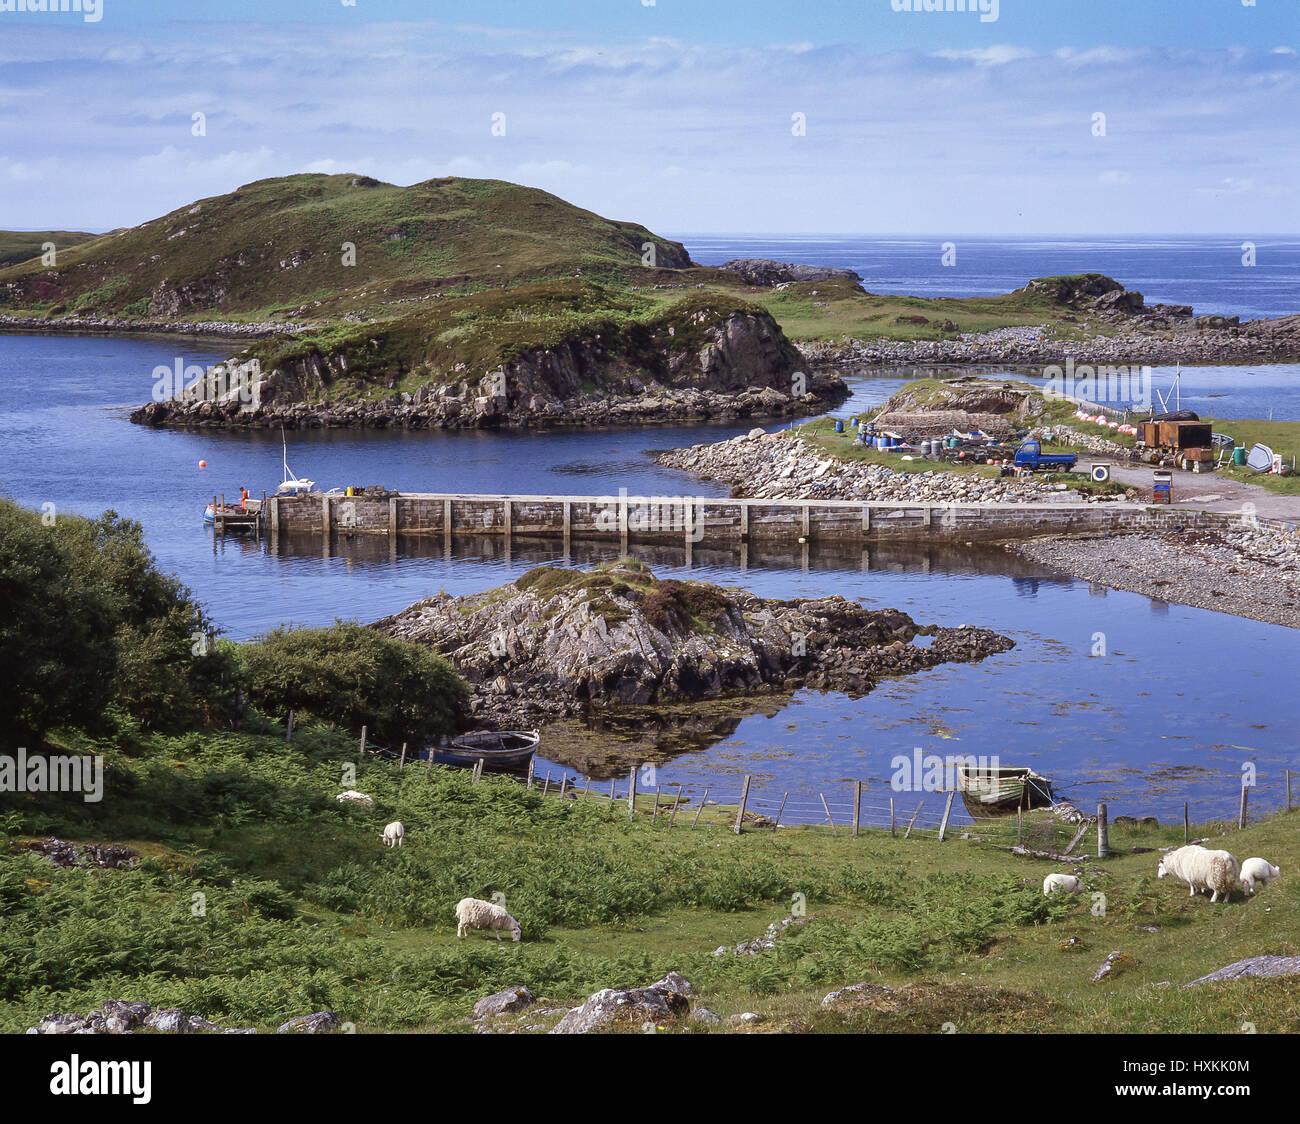 Culkein Drumbeg, Sutherland County, Highland, Scotland, United Kingdom - Stock Image